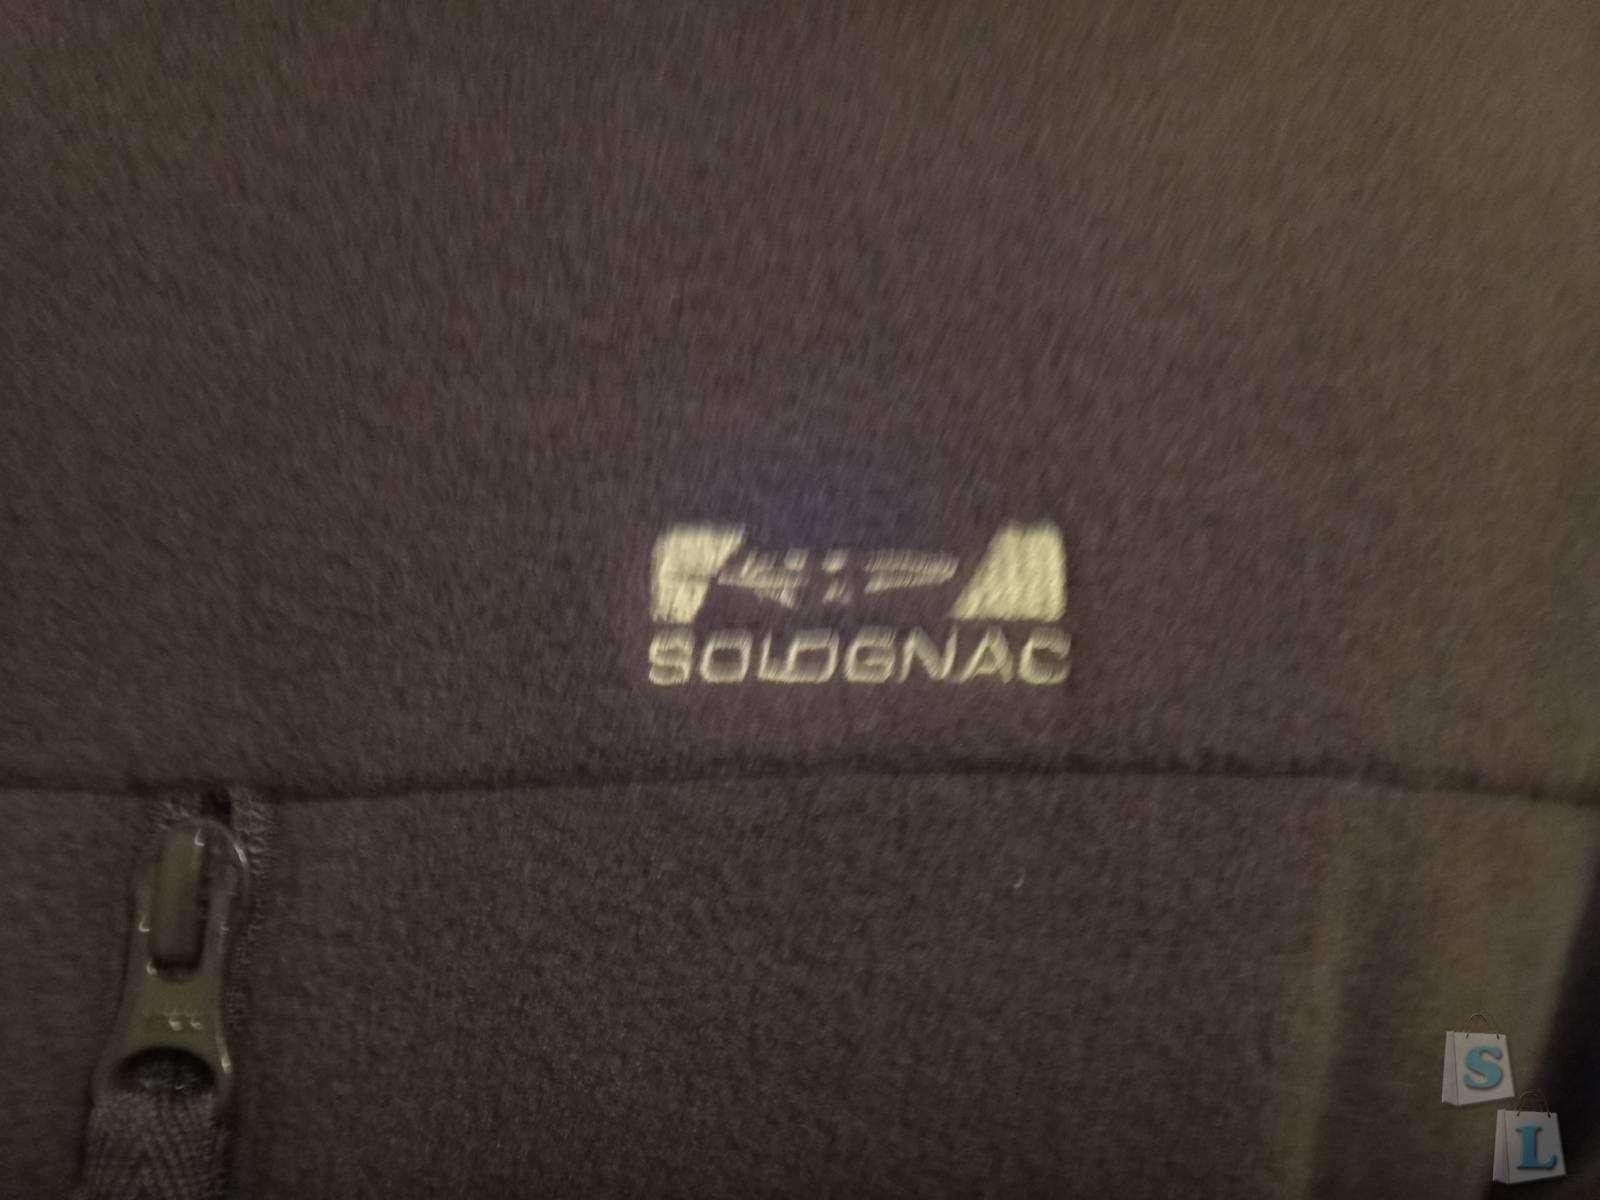 Decathlon: Обзор мужской флисовой куртки ТМ SOLOGNAC купленной в магазине Декатлон